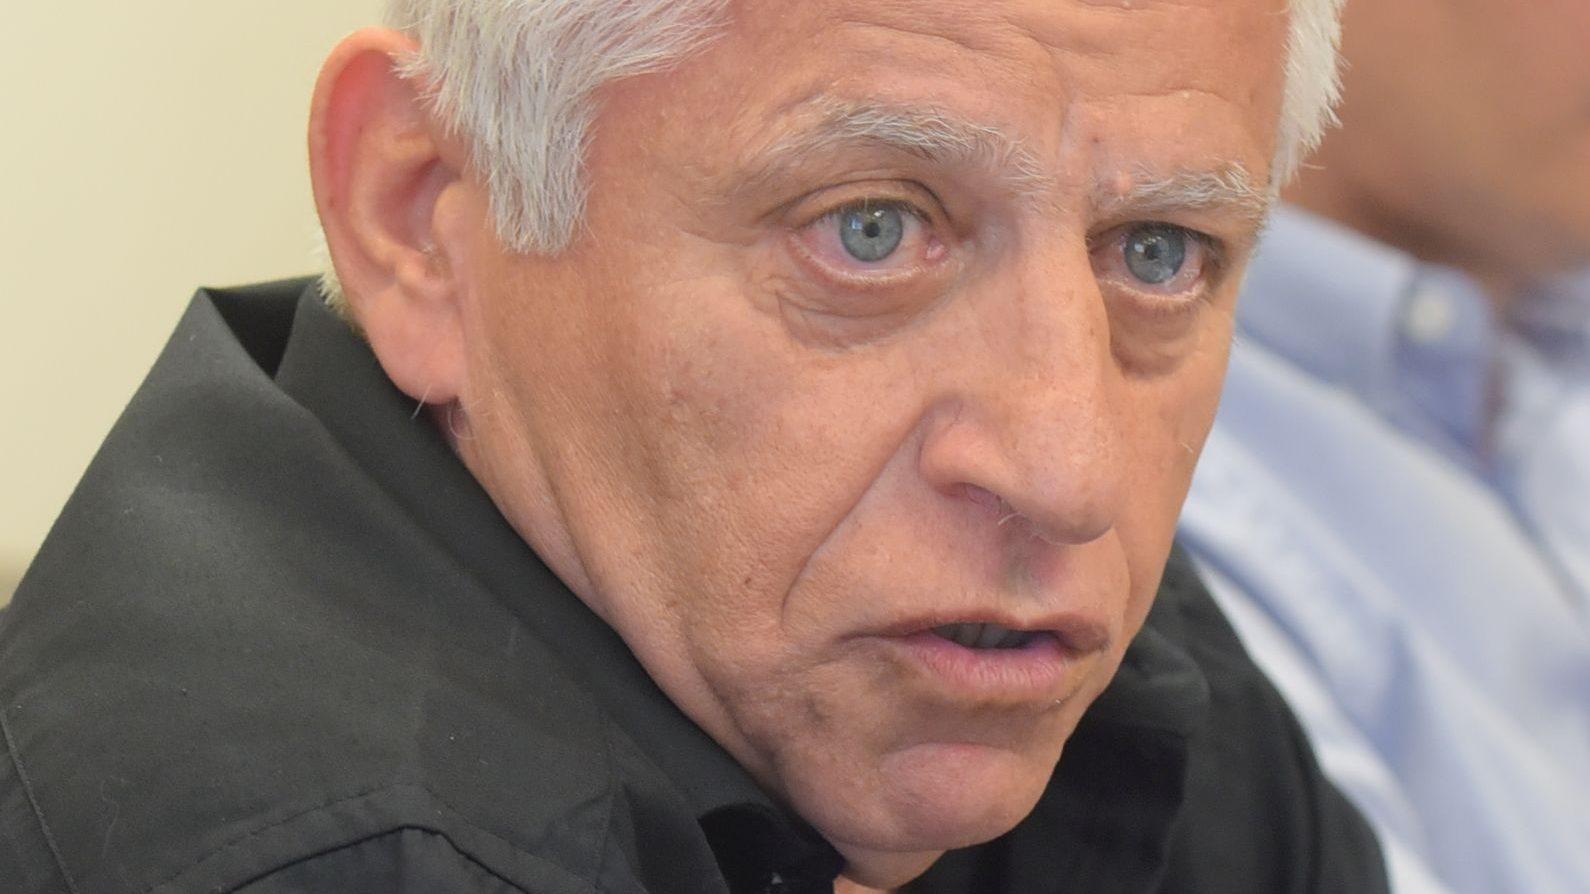 """בכיר הלשכה לשעבר קובי צרפתי קורא להקדמת הבחירות: """"כל חברי הוועד המנהל צריכים ללכת, מי שמנהל את הלשכה כיום זה בית הדין"""""""